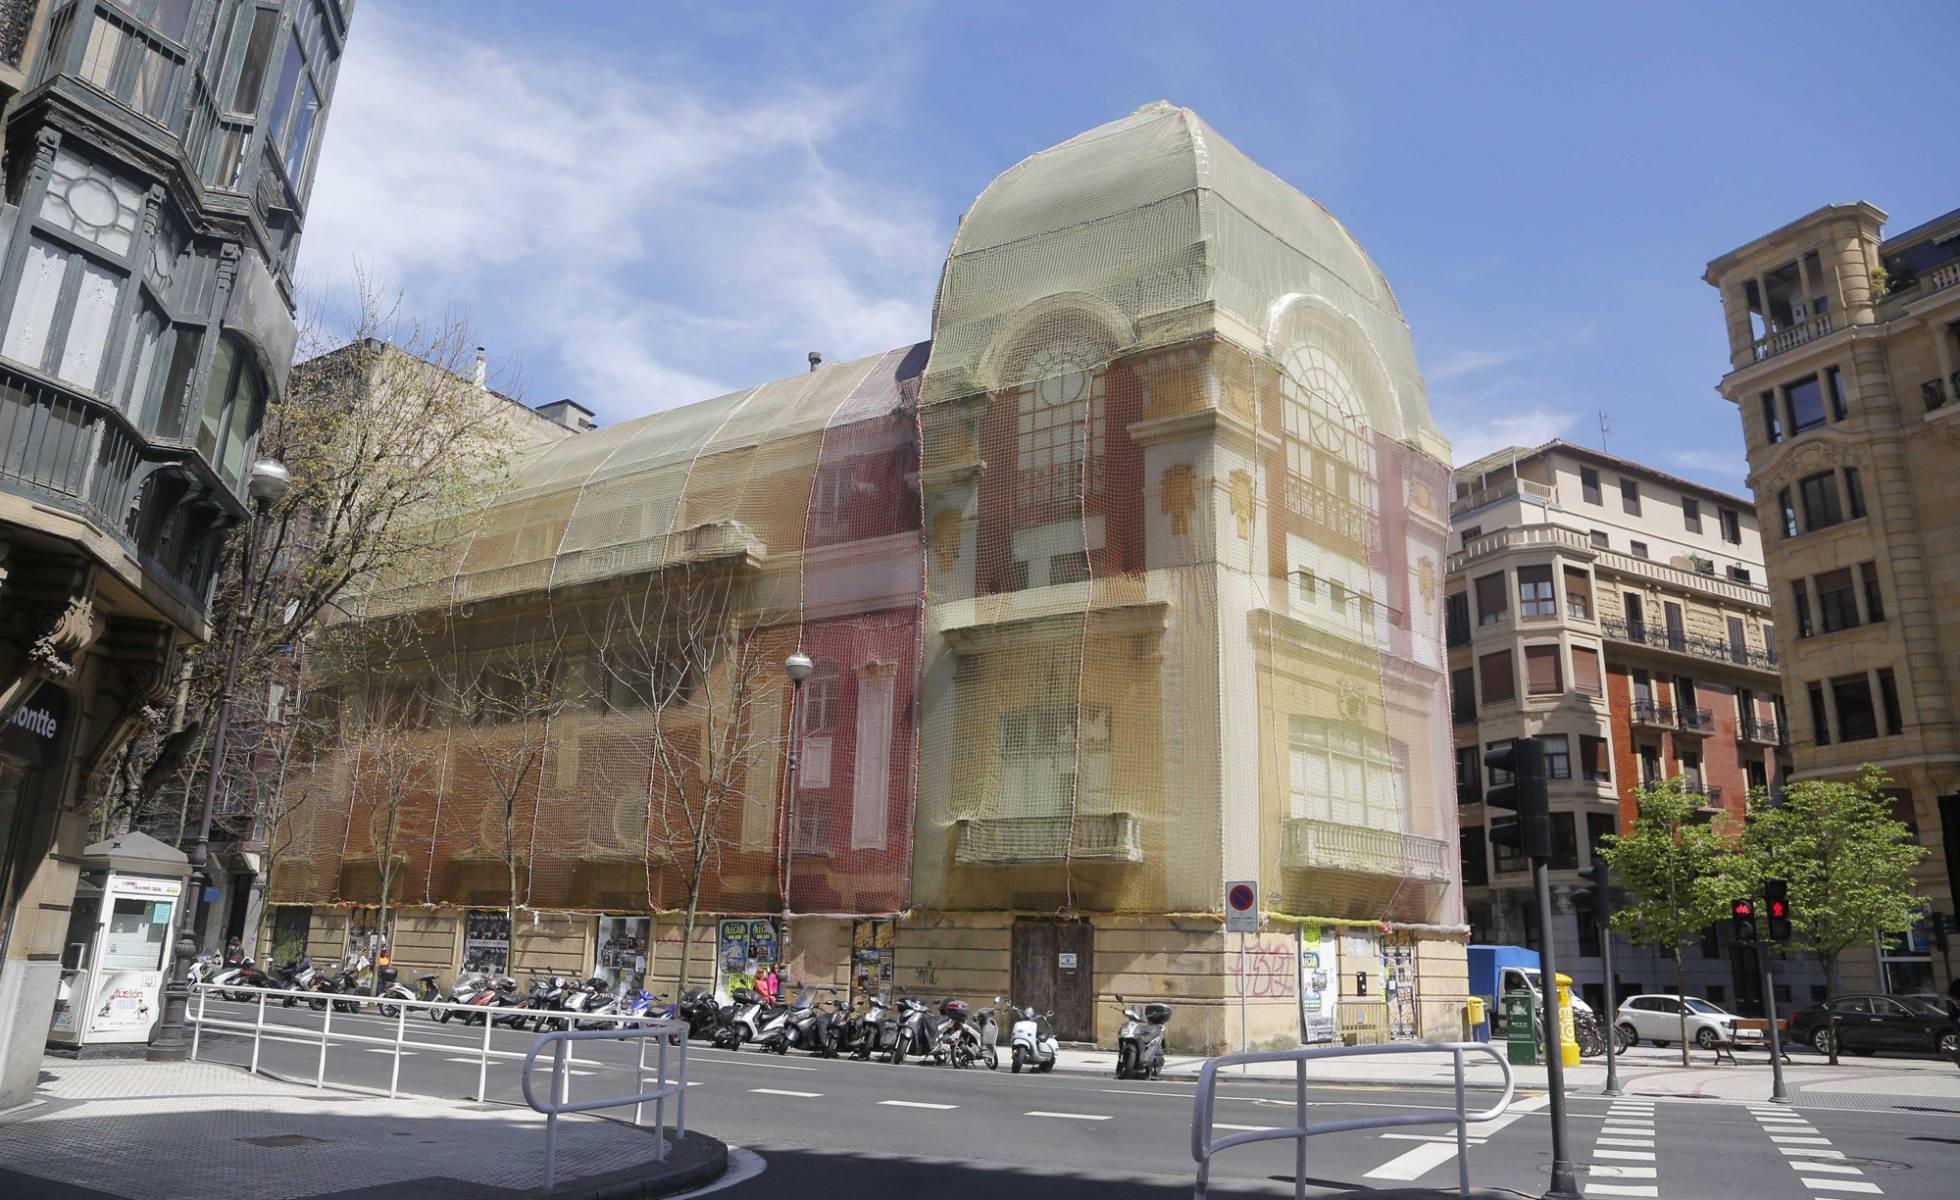 В Сан-Себастьяне просят международной помощи для восстановления старинного кинотеатра